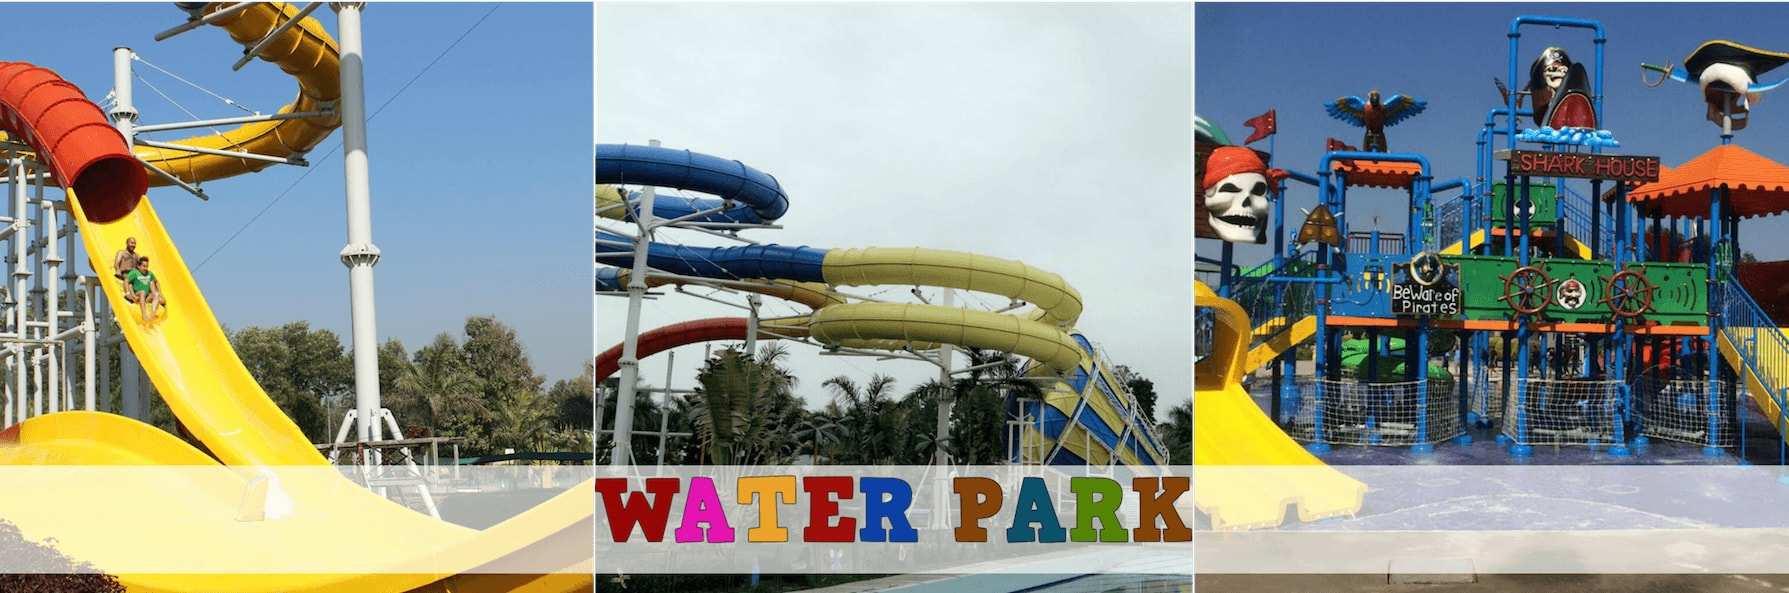 Water-park-Funcity-Chandigarh.